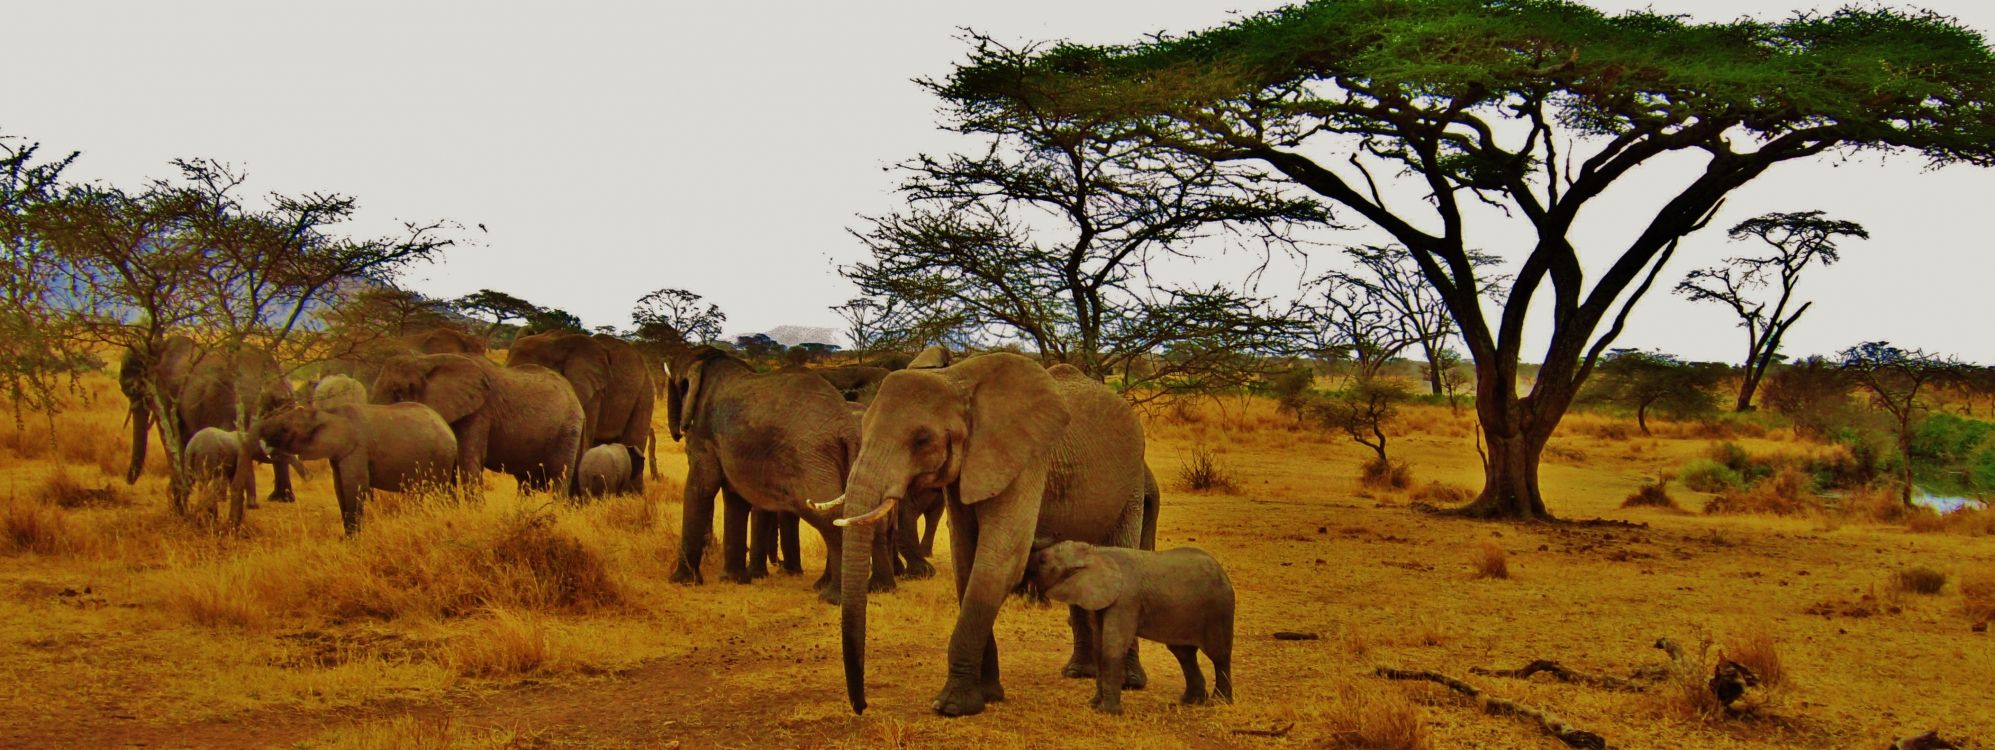 Обои природный заповедник, пустыня, путешествие, Саванна, индийский слон в разрешении 4212x1583